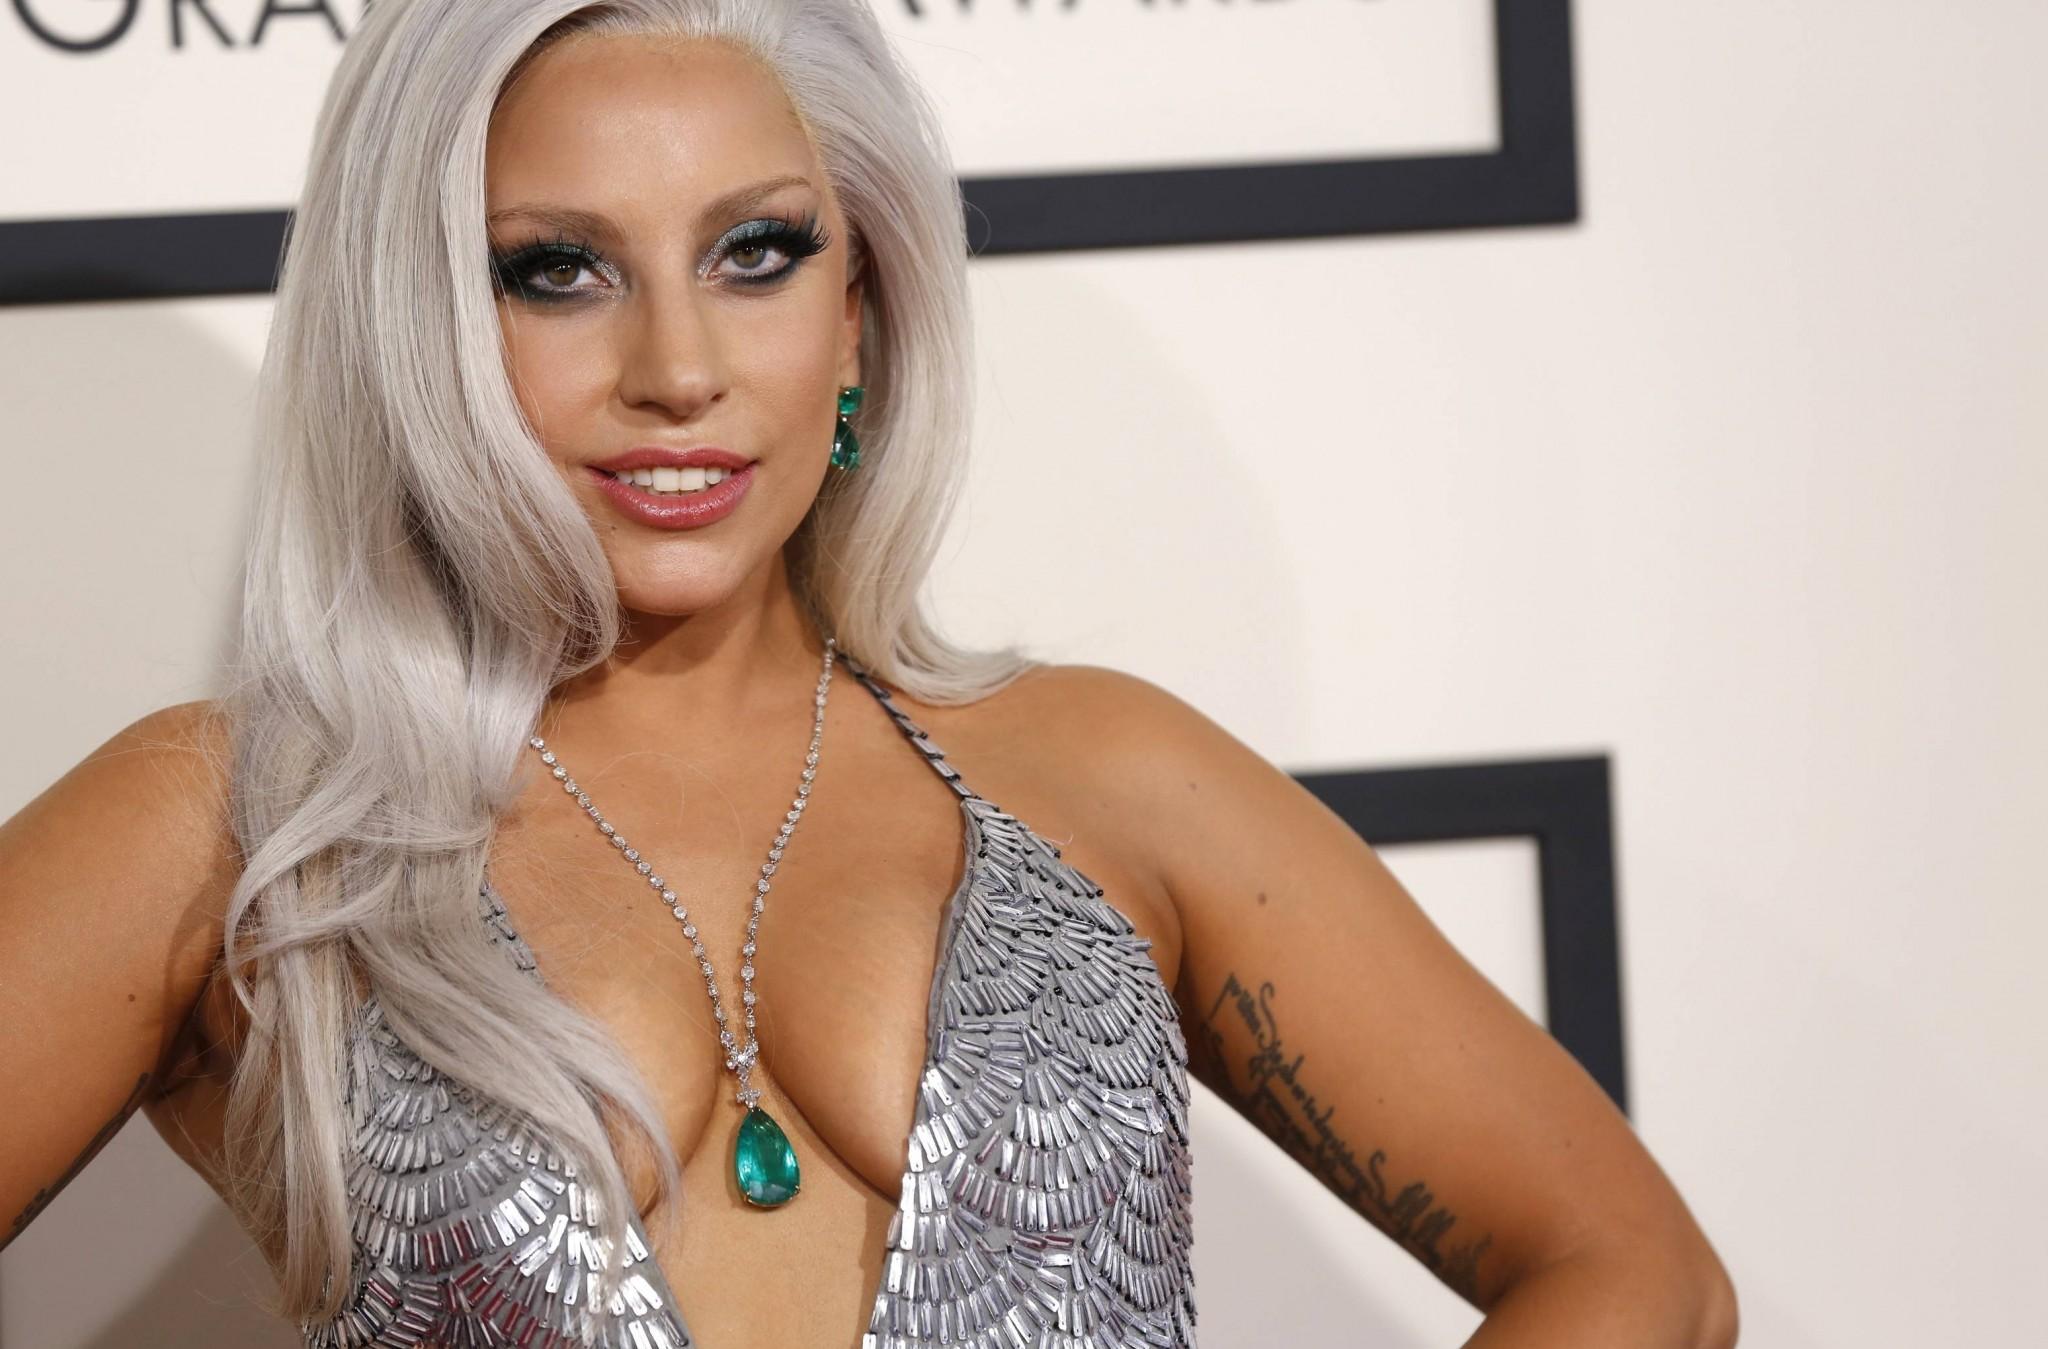 Lady Celebrity naked 666